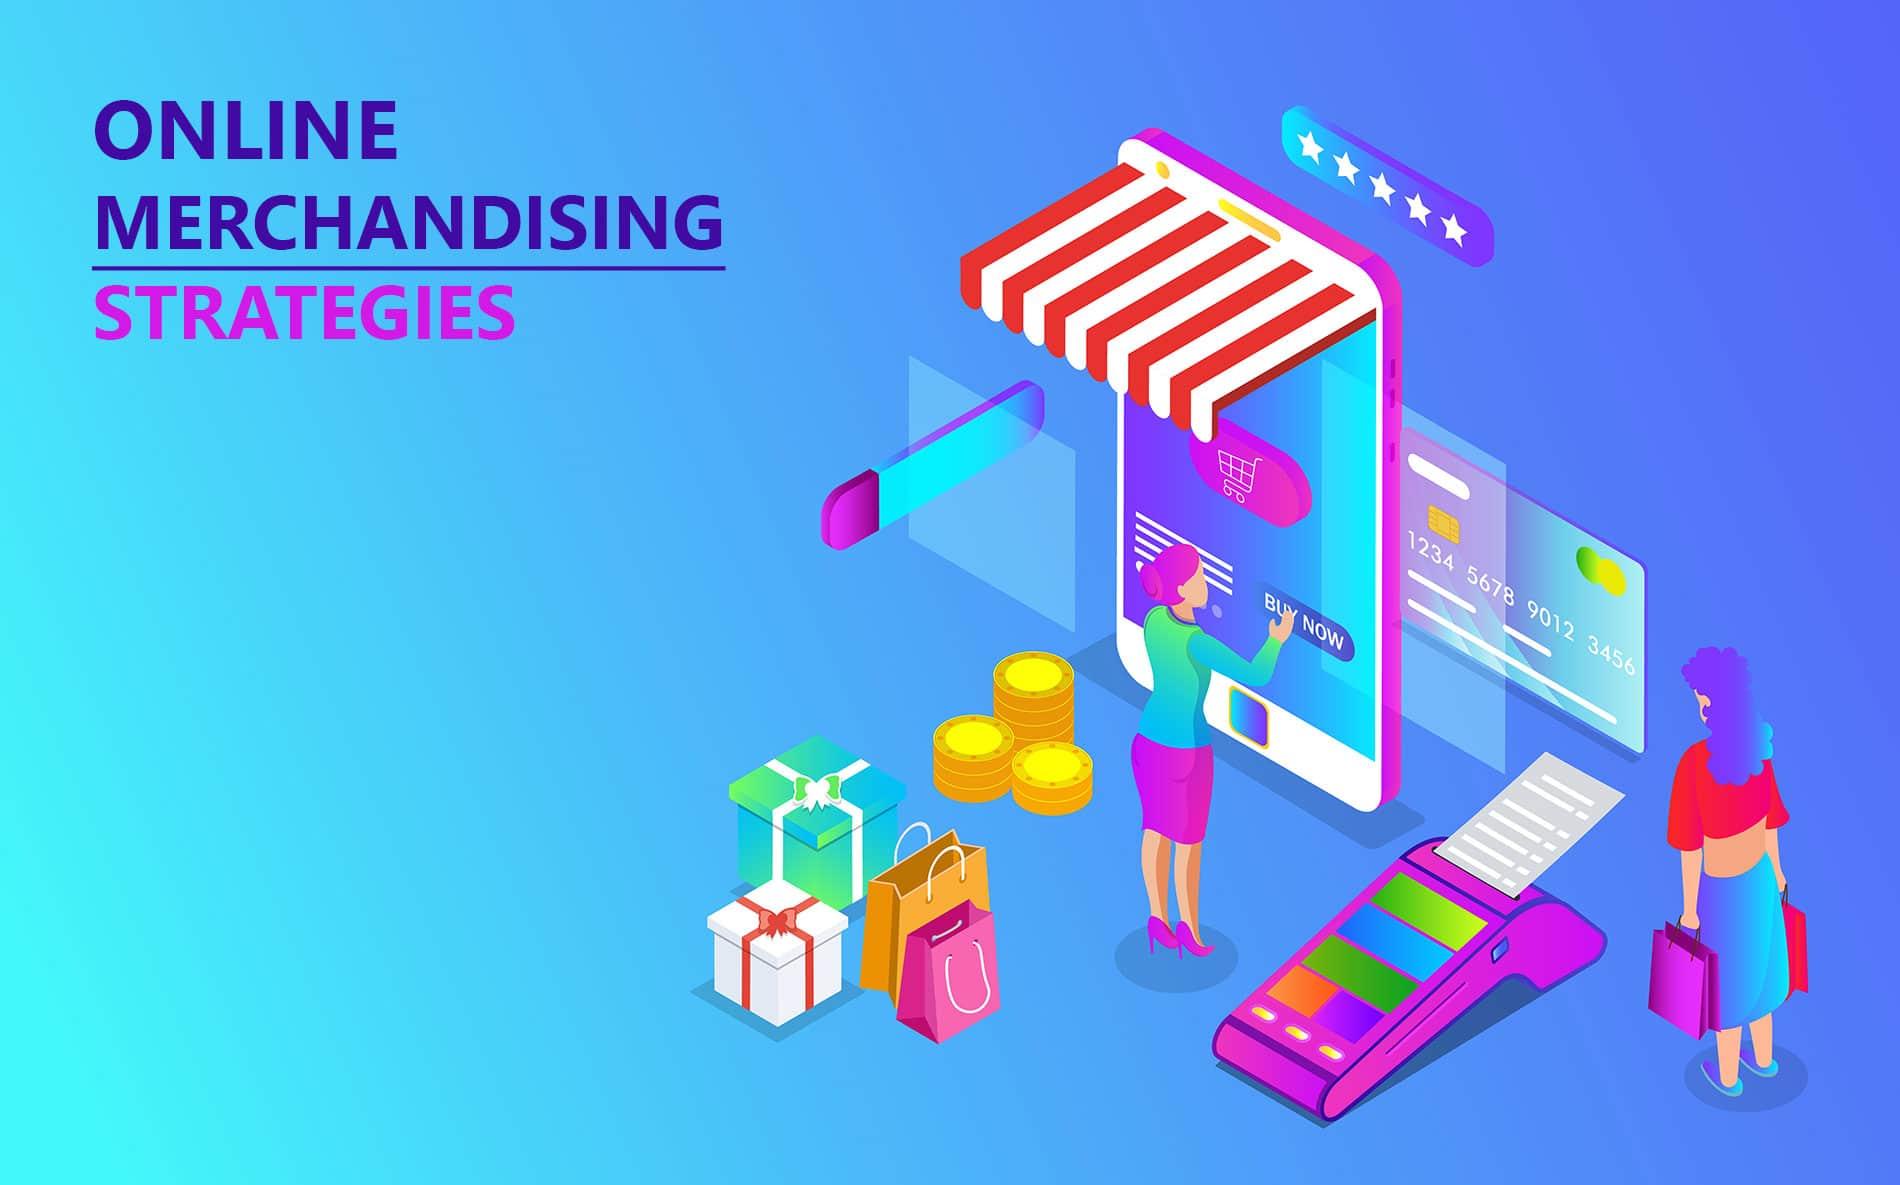 Online merchandising strategies